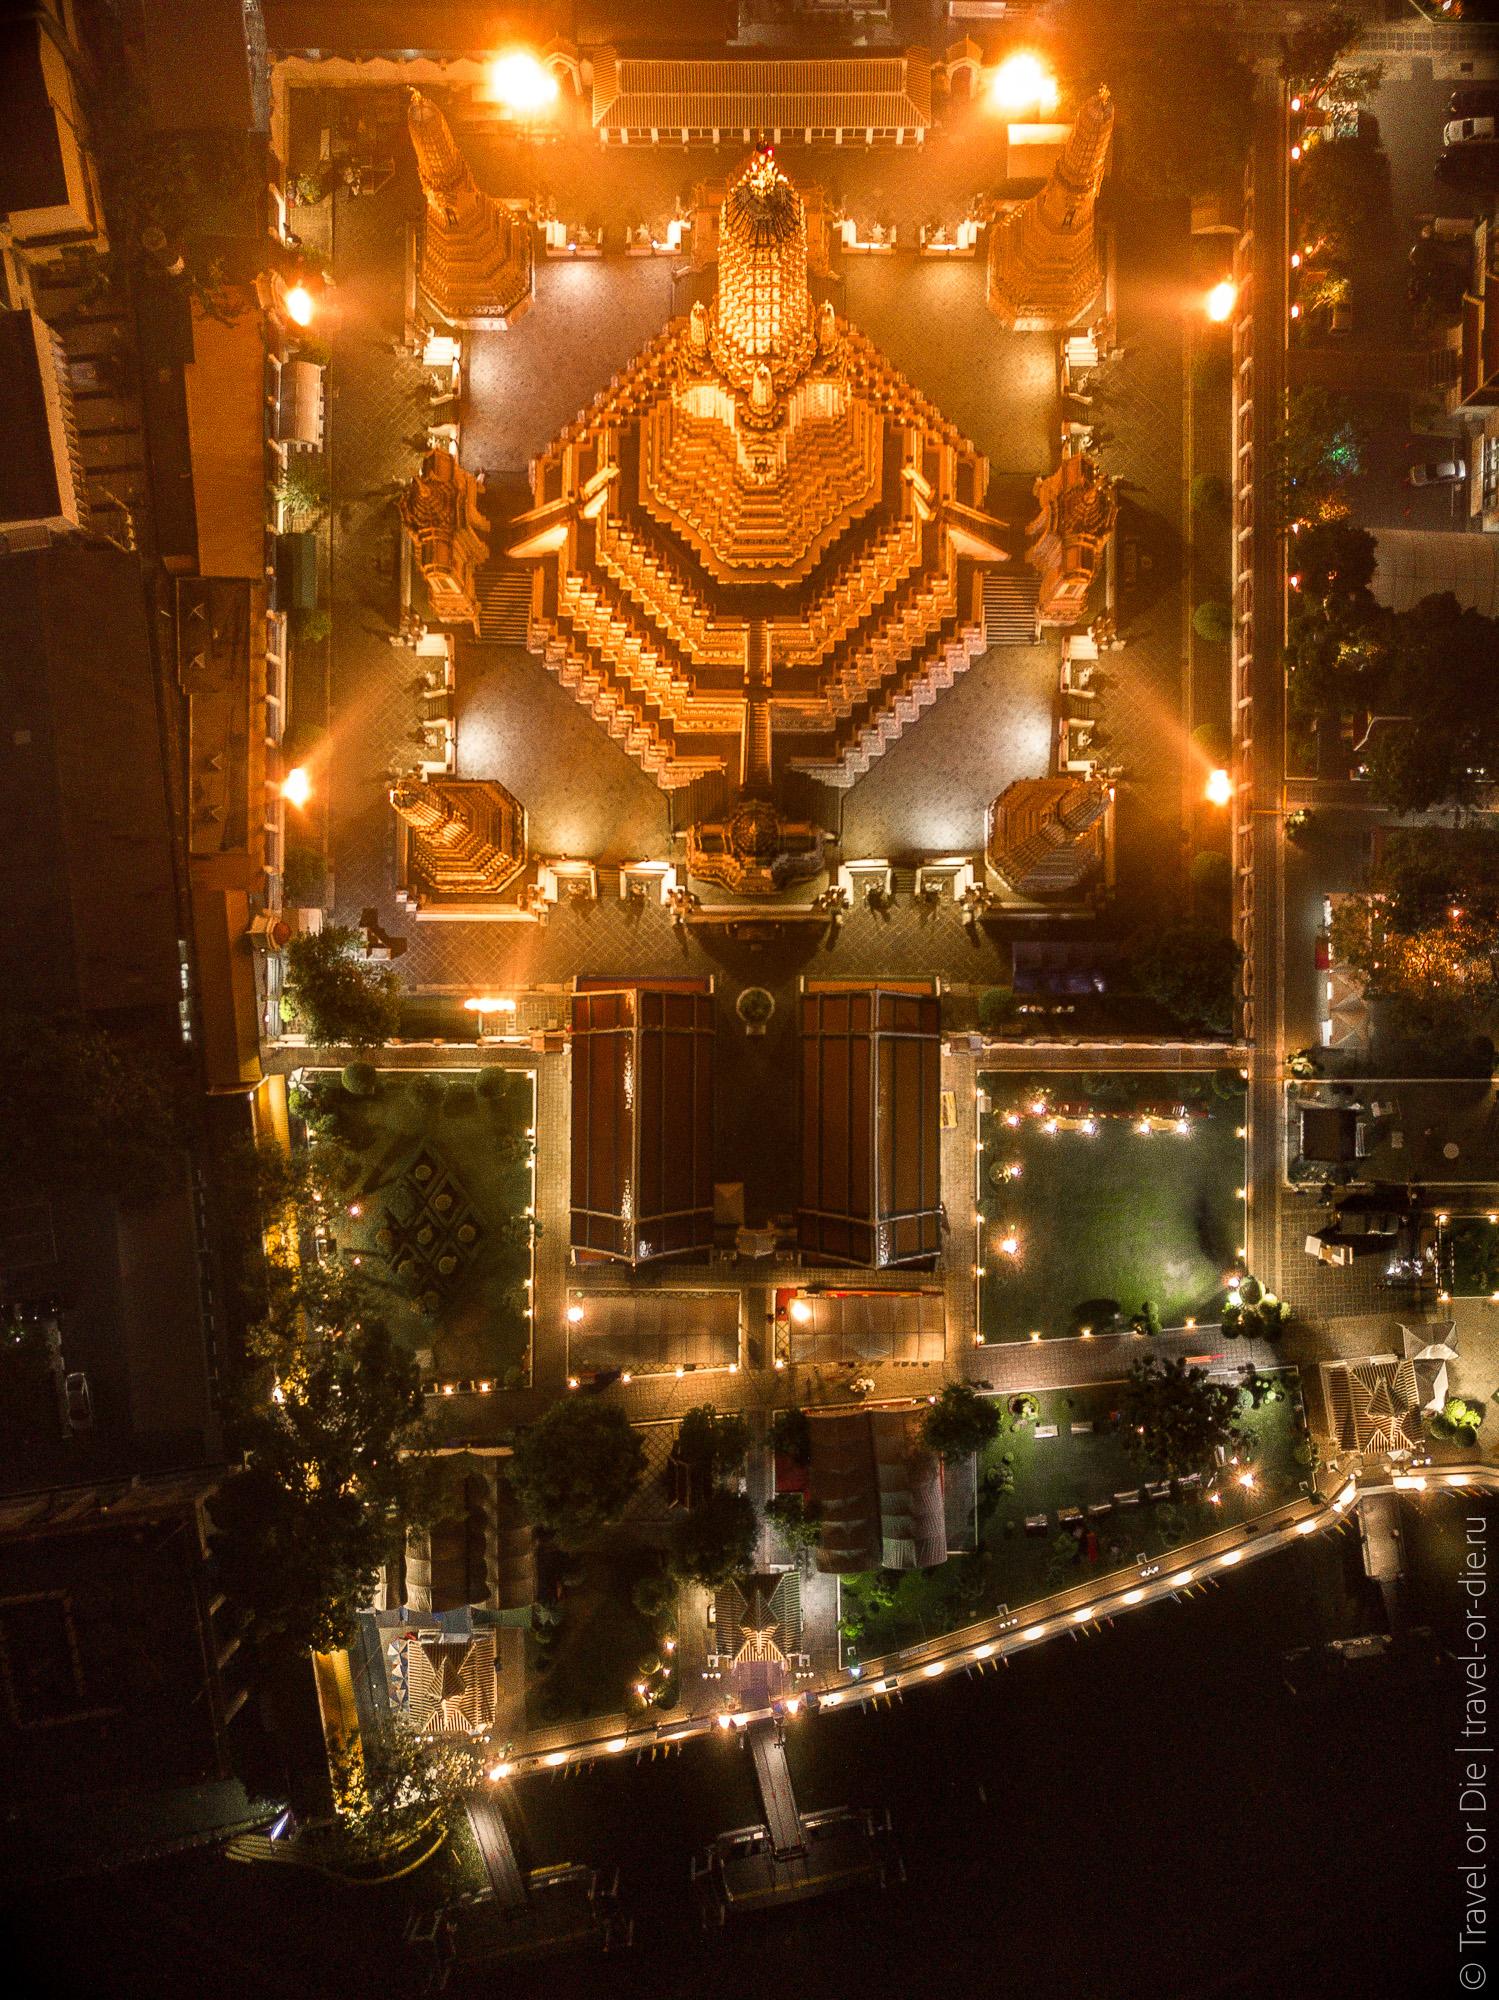 wat-arun-temple-bangkok-0383